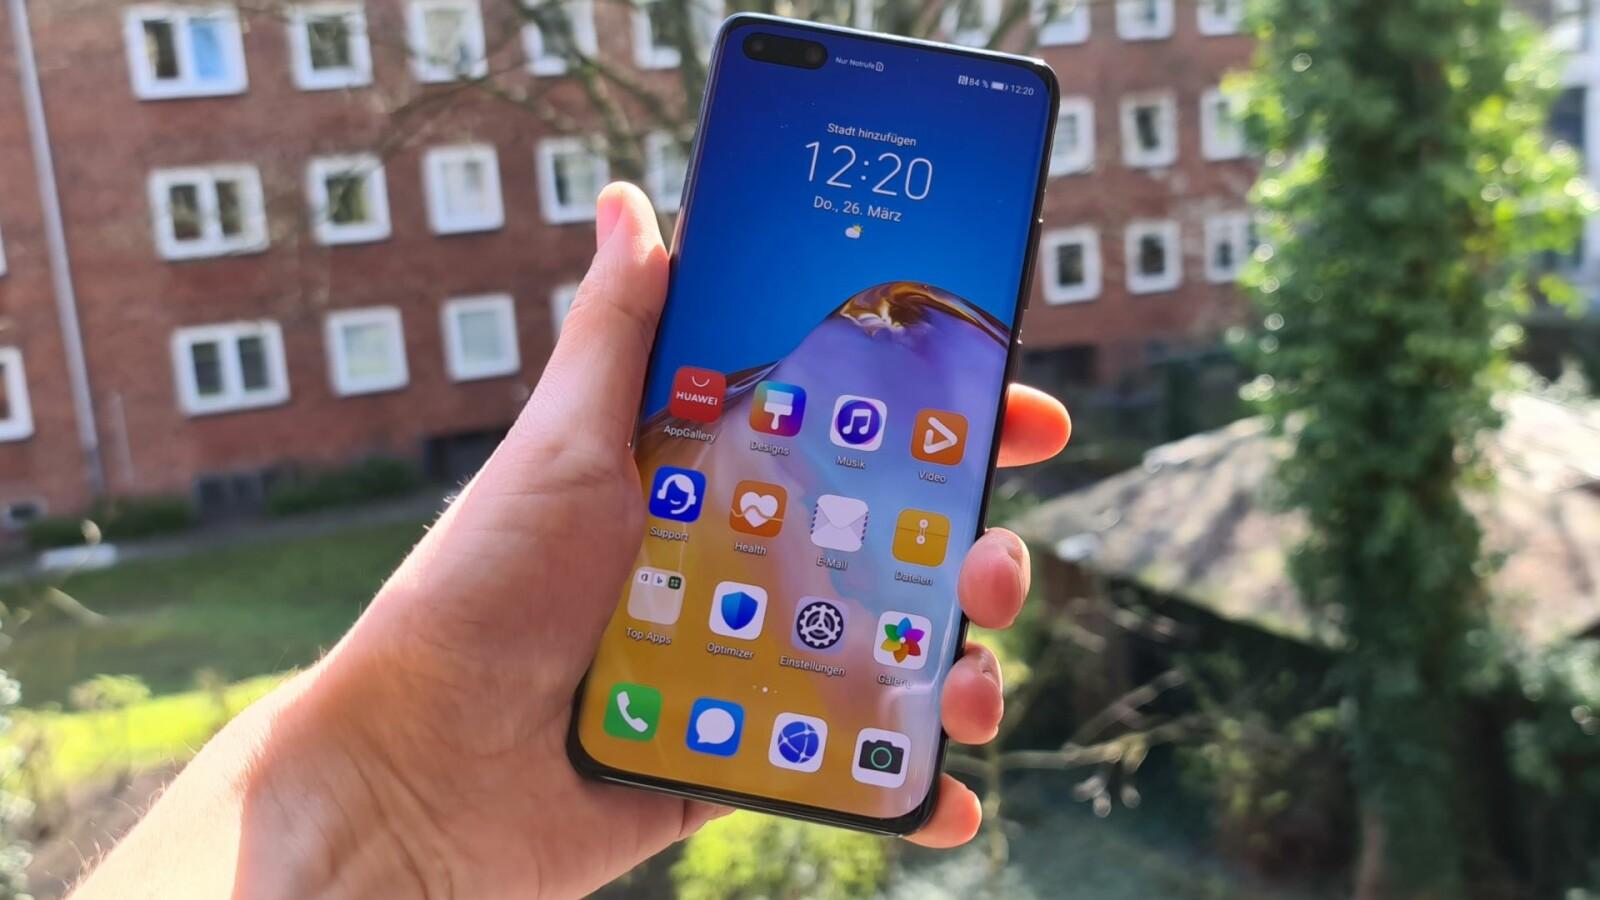 Huawei in Europa am Boden: Dieser Konkurrent verdoppelt dafür seinen Handy-Absatz - NETZWELT